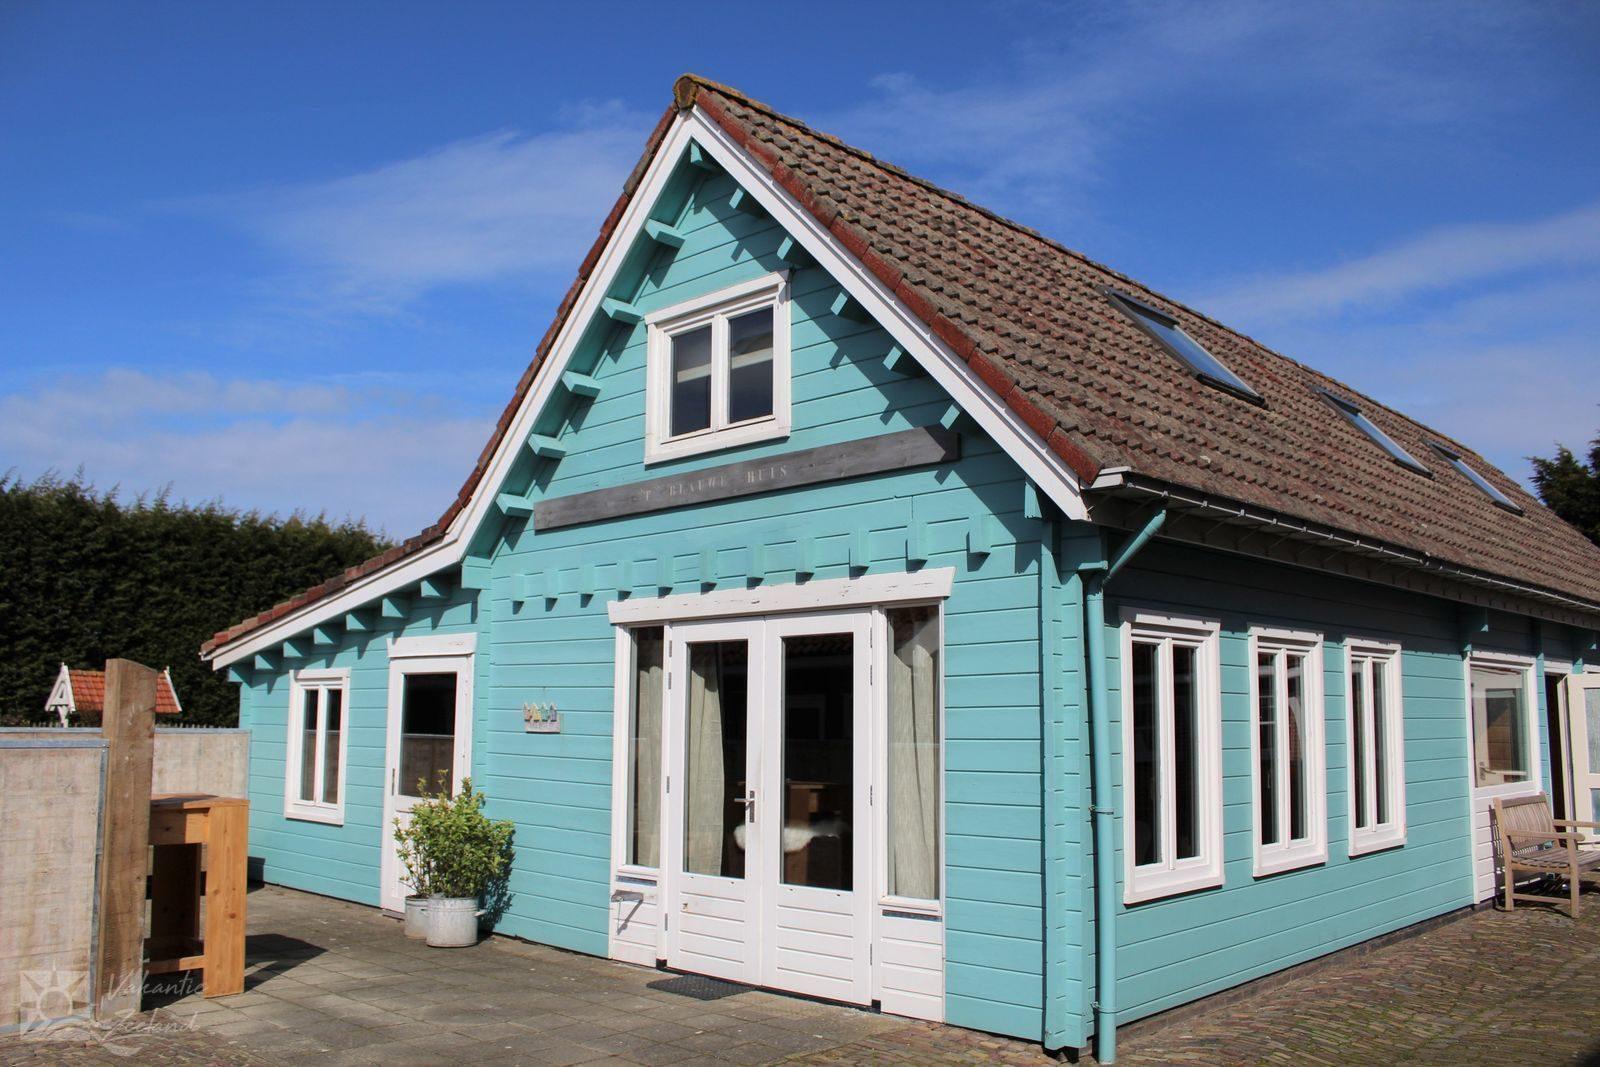 Large holiday home Zeeland